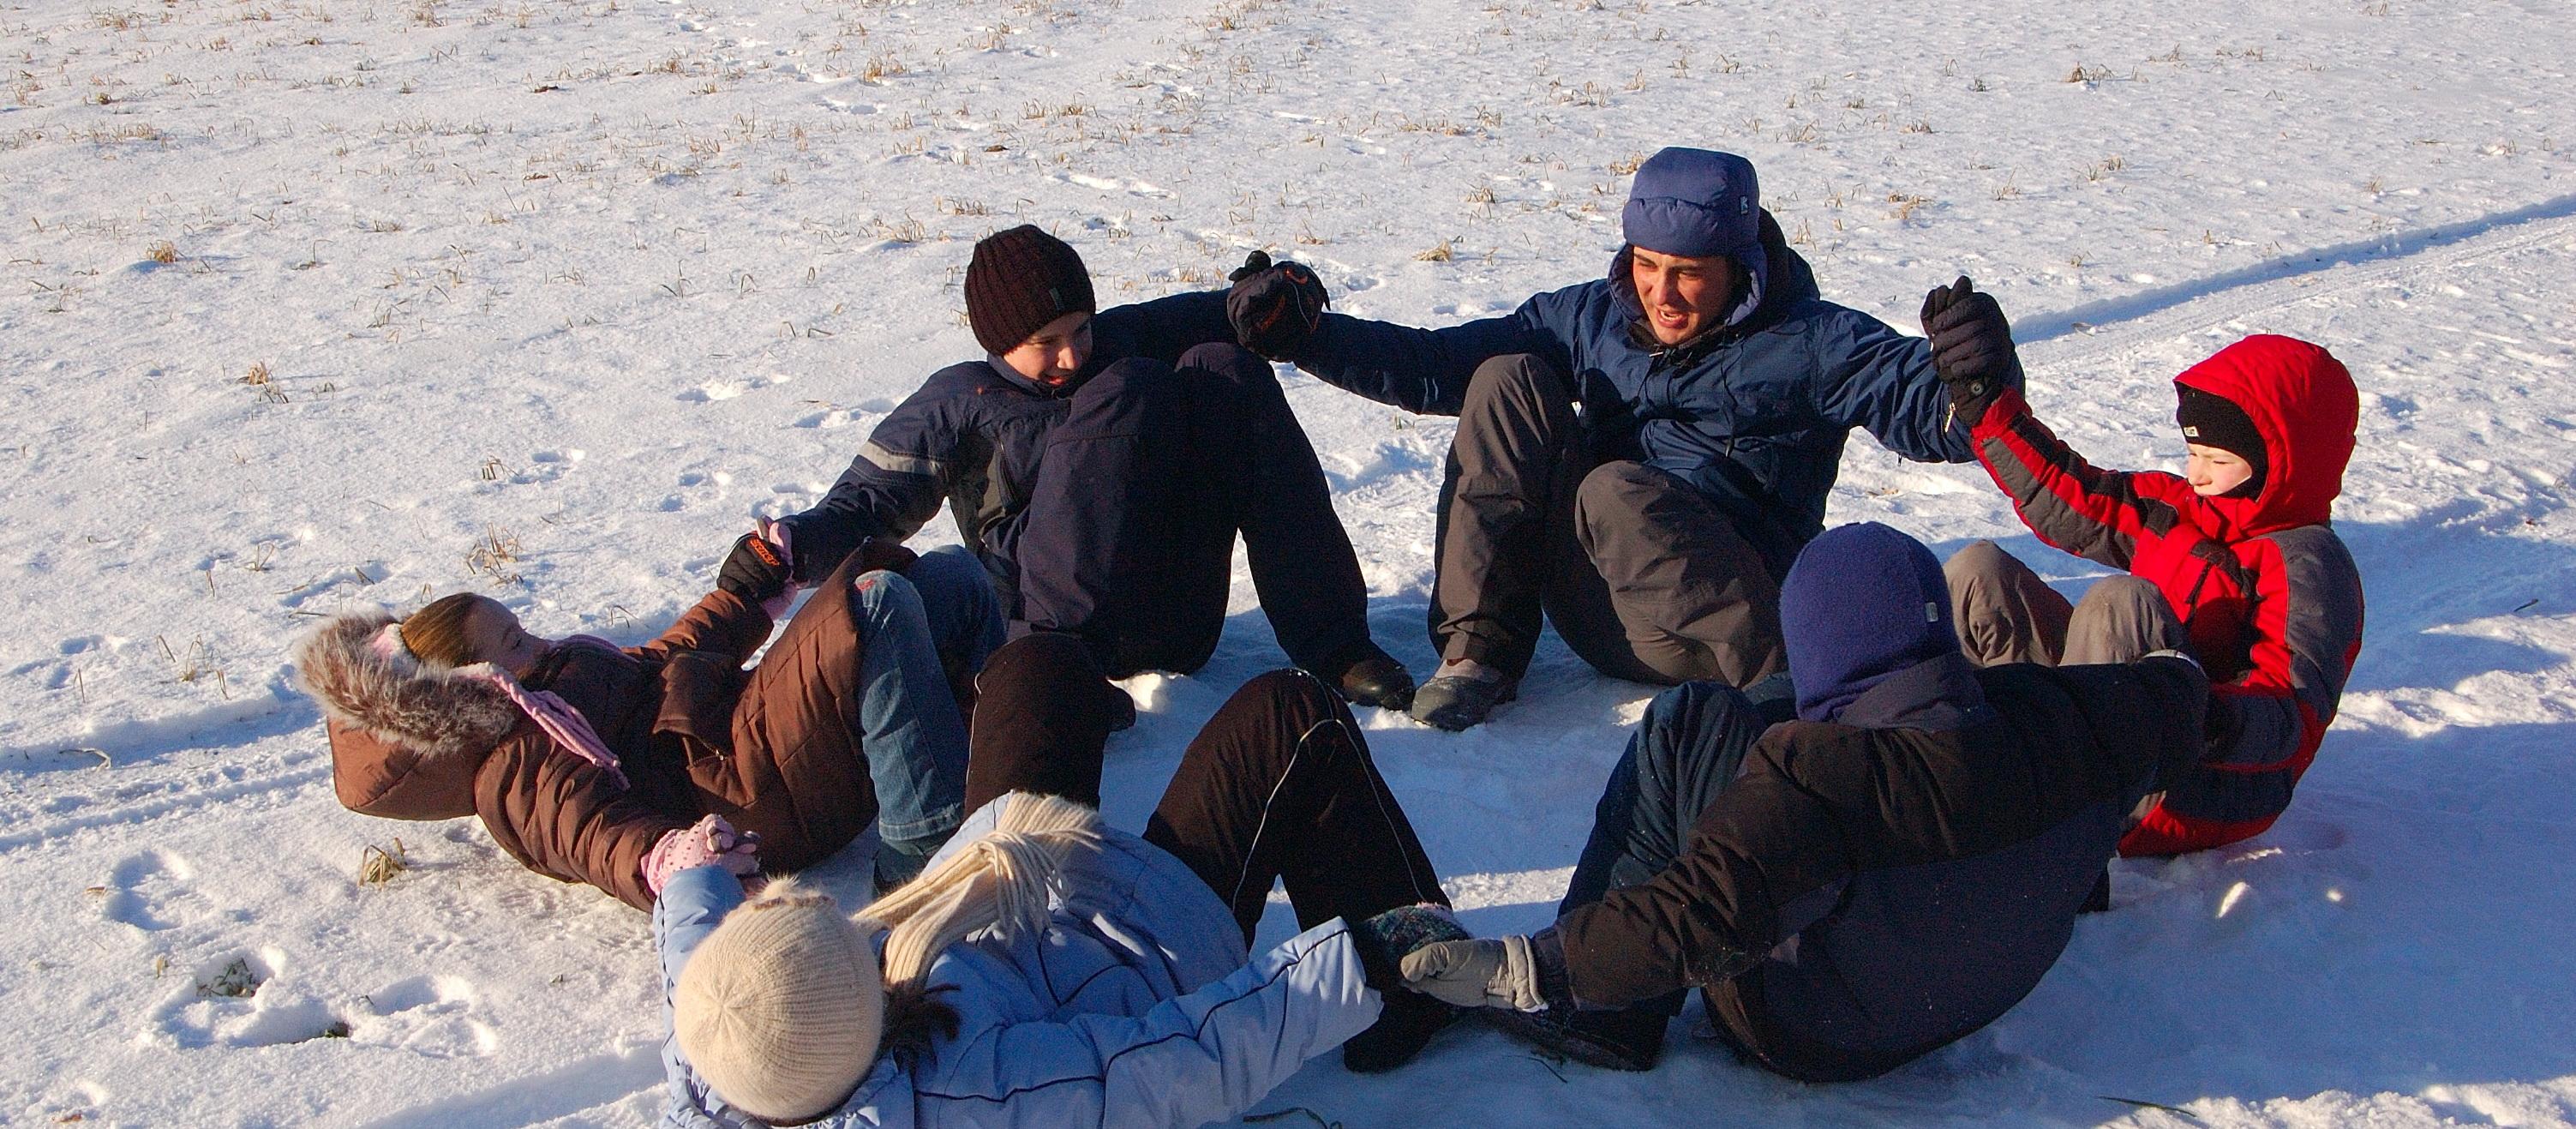 <span>индивидуальное выживание и групповая разработка стратегии</span>